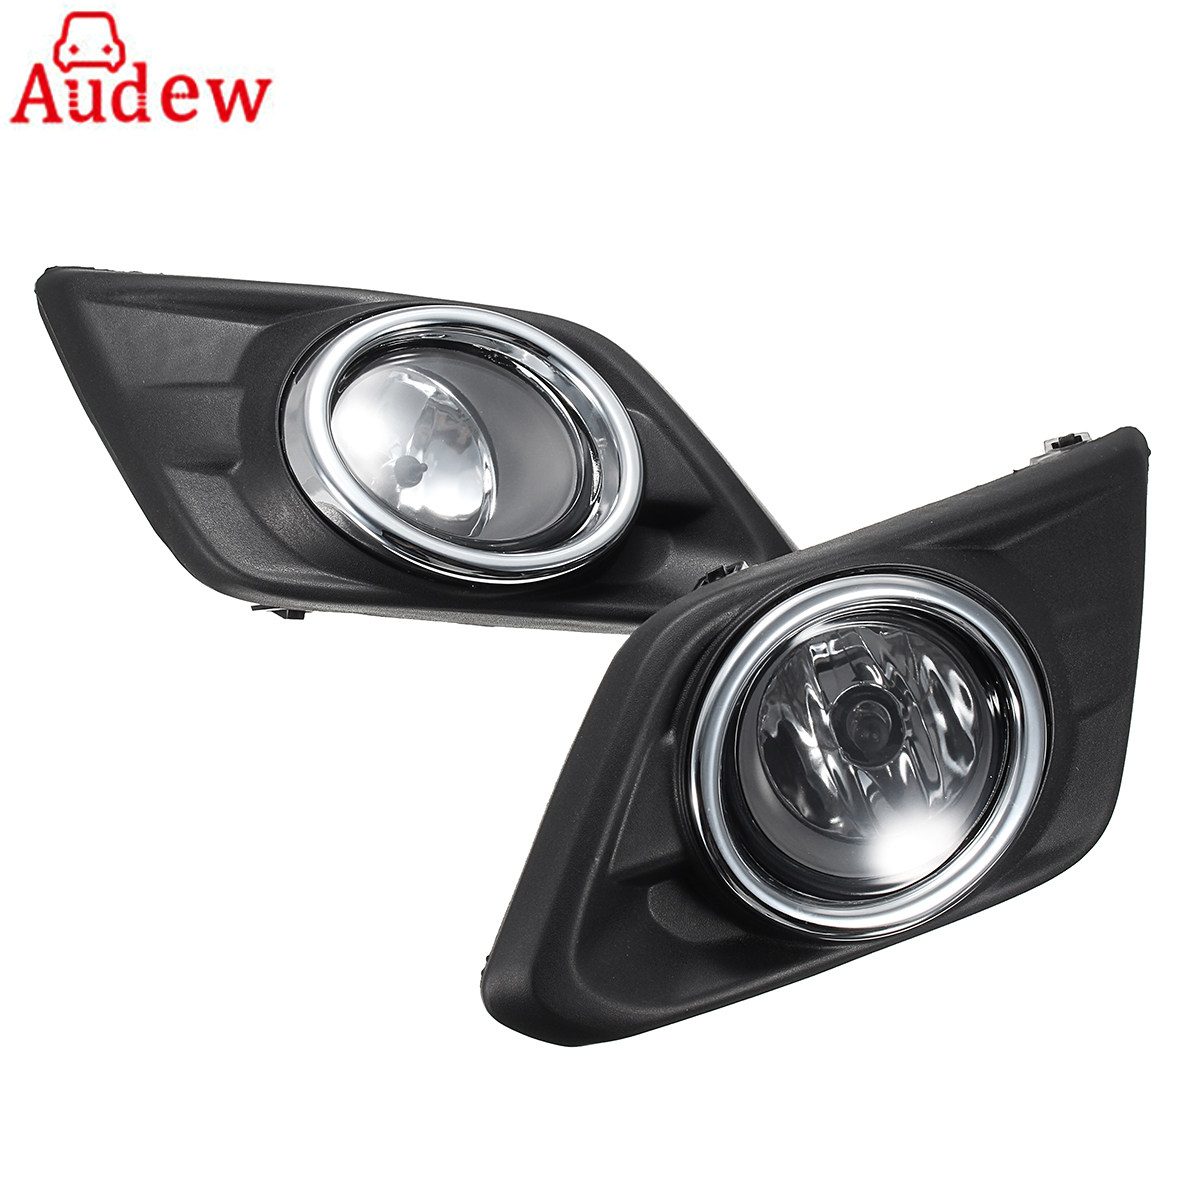 1Pair Chrome Clear Lens Car Fog Light Lamp For Nissan Rogue SUV 14-16 w/Bulbs Switch Bezel Kit<br>